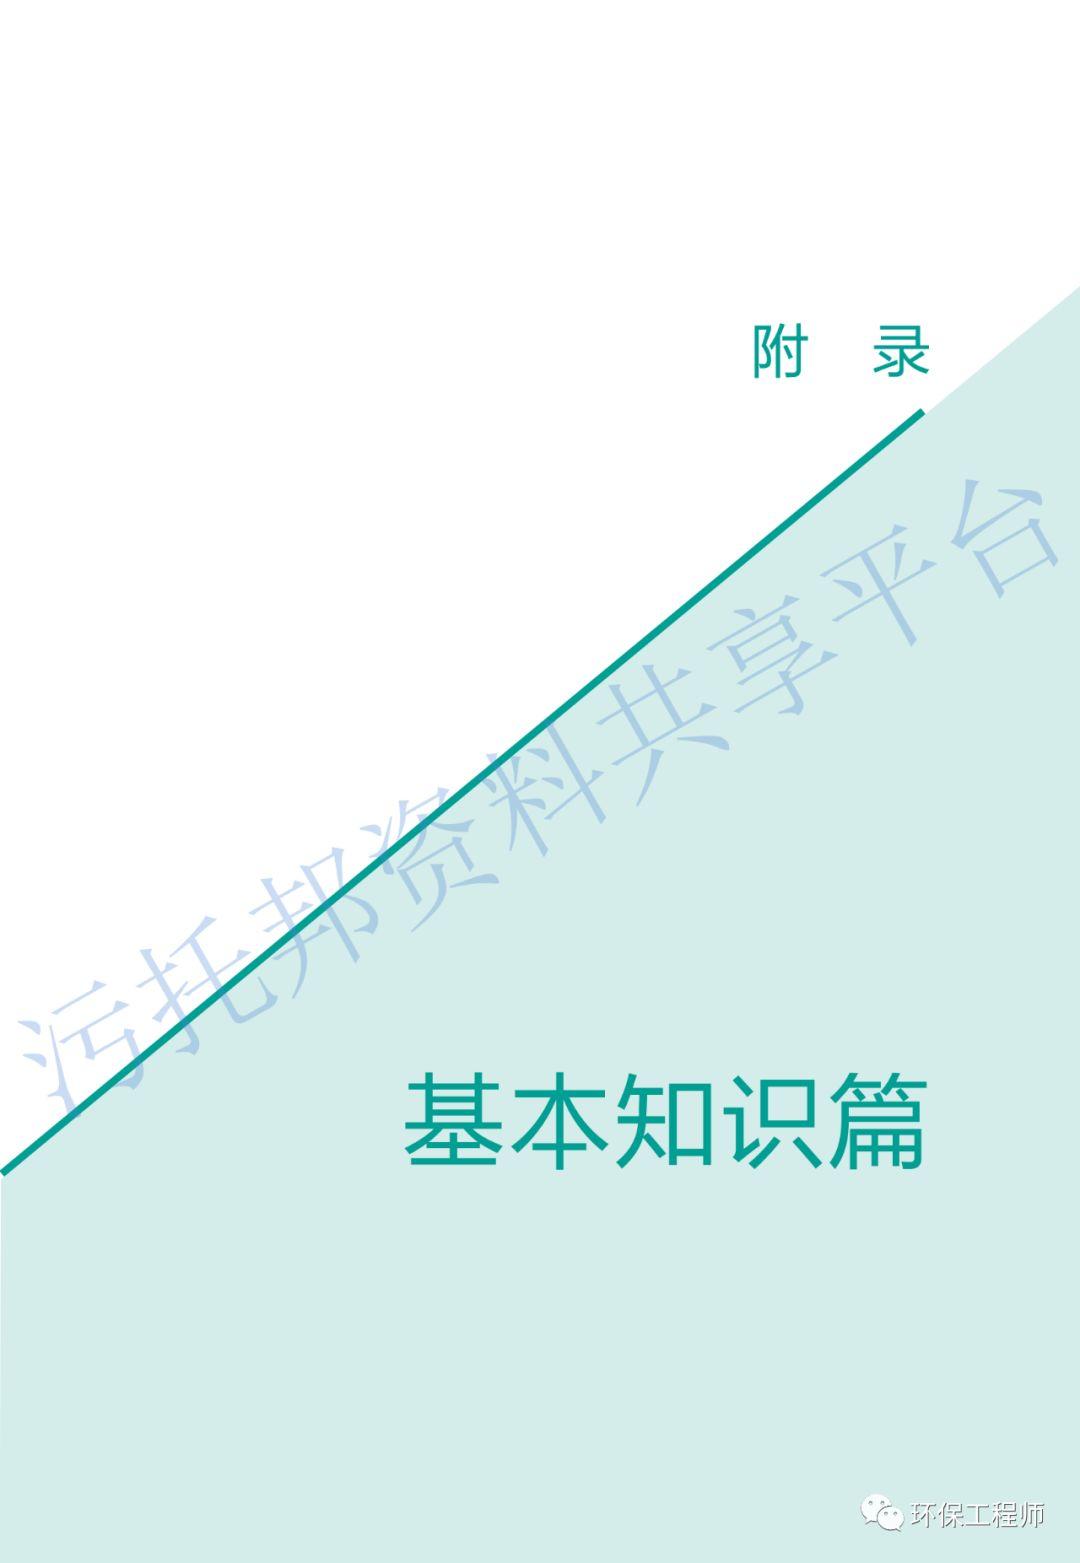 《环保从业人员新型冠状病毒疫情防护手册》_46